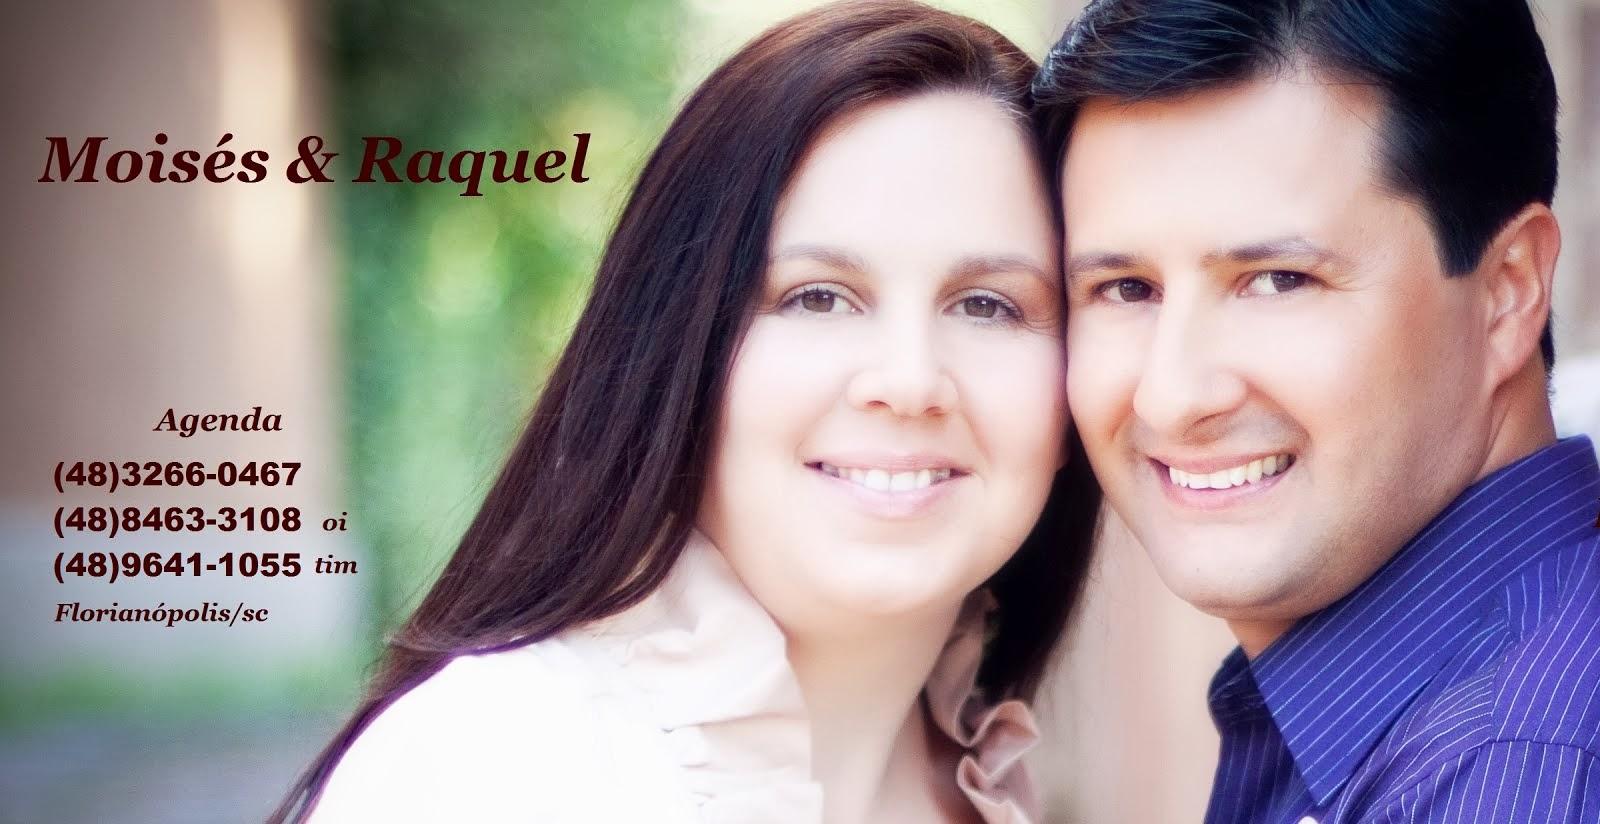 Moisés e Raquel Cantores